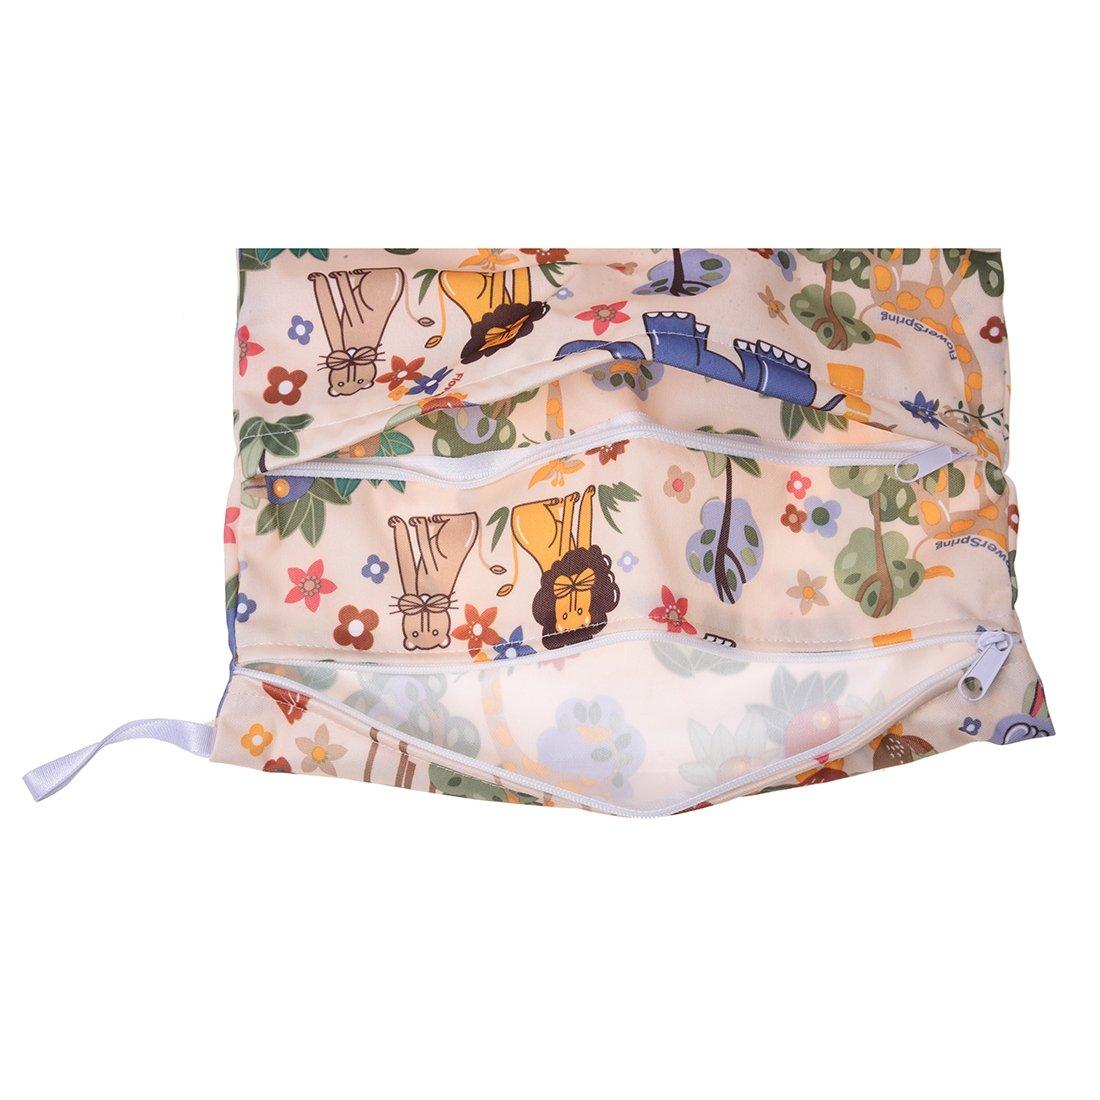 Sonline Sac sacoche stockage rangement arrangement de couche lavable bebe tissu culotte modele animal de lion Beige Elephant